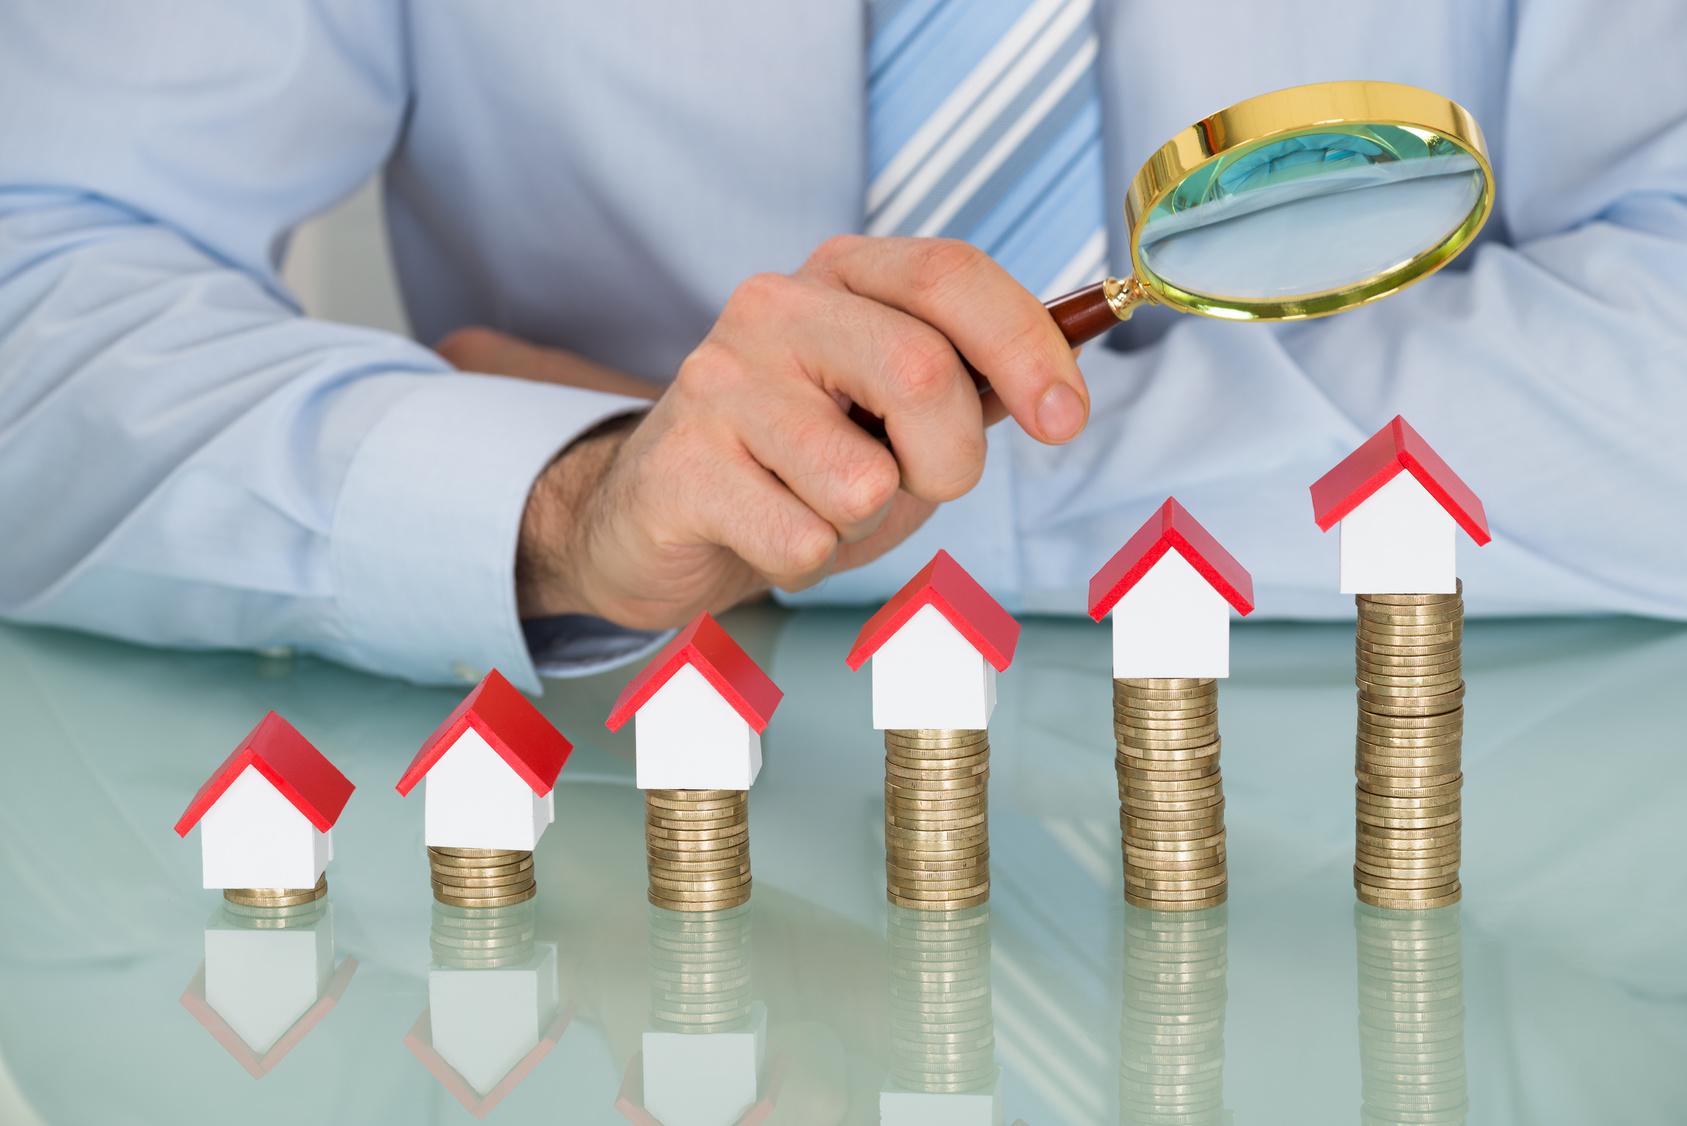 Le marché de l'immobilier poursuit sa croissance